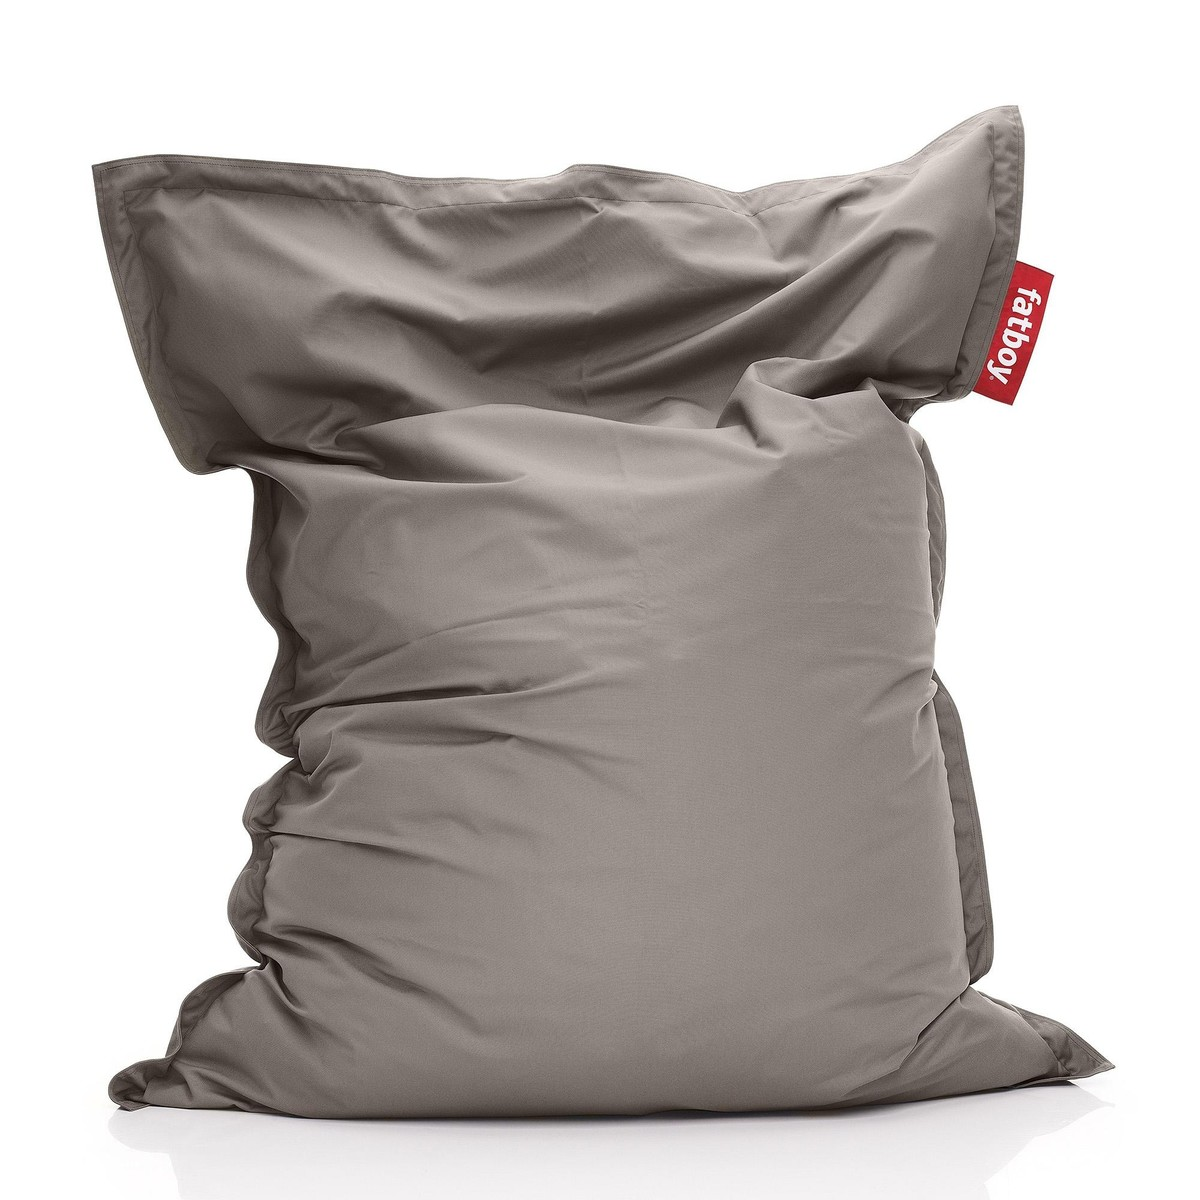 fatboy original outdoor beanbag fatboy. Black Bedroom Furniture Sets. Home Design Ideas